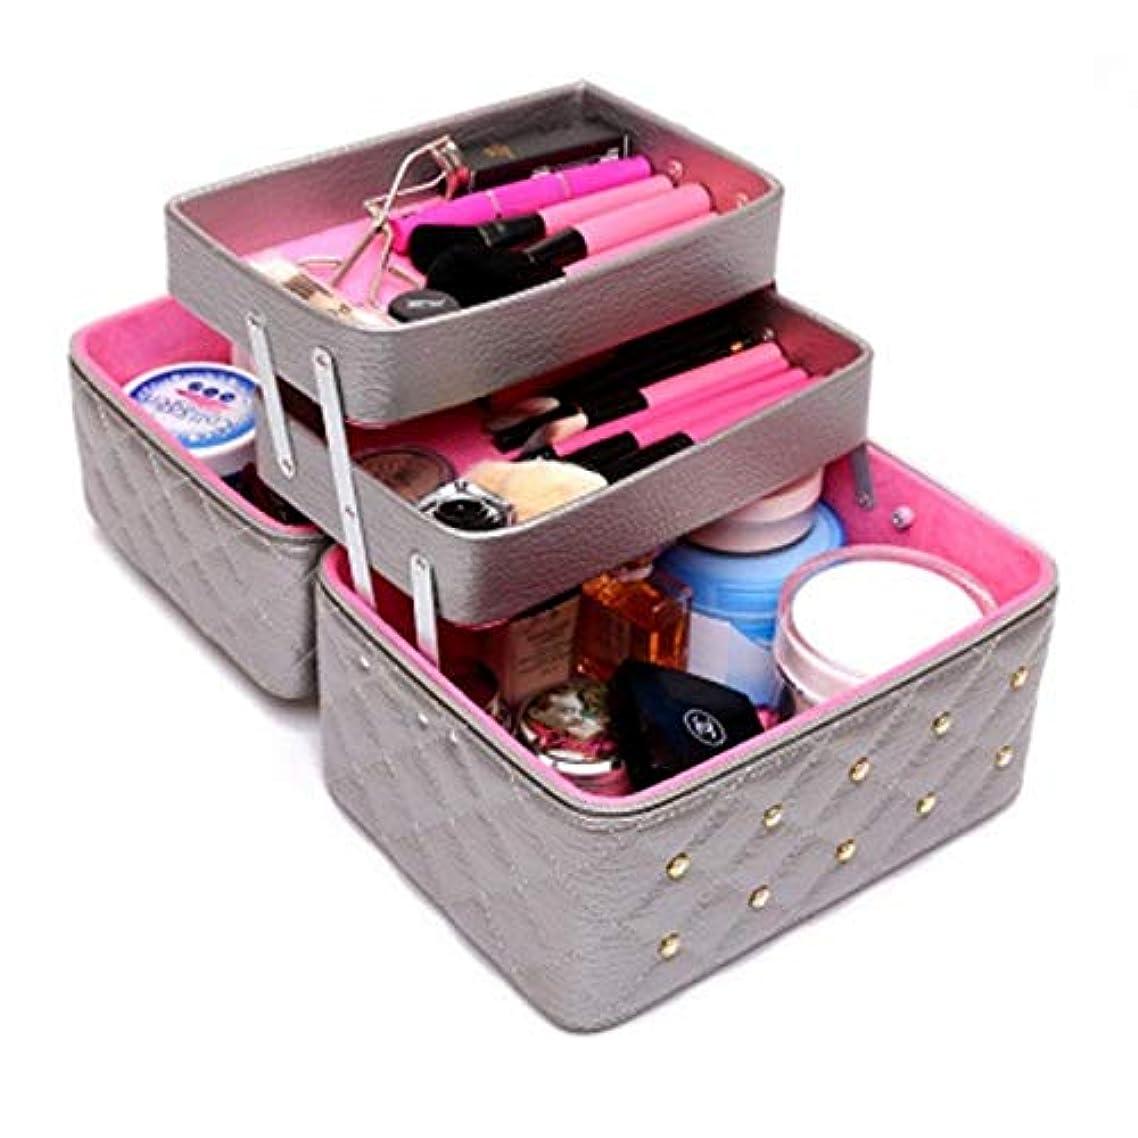 バッテリーそこ私の持ち運びできる メイクボックス 大容量 取っ手付き コスメボックス 化粧品収納ボックス 収納ケース 小物入れ (ライトグレー)